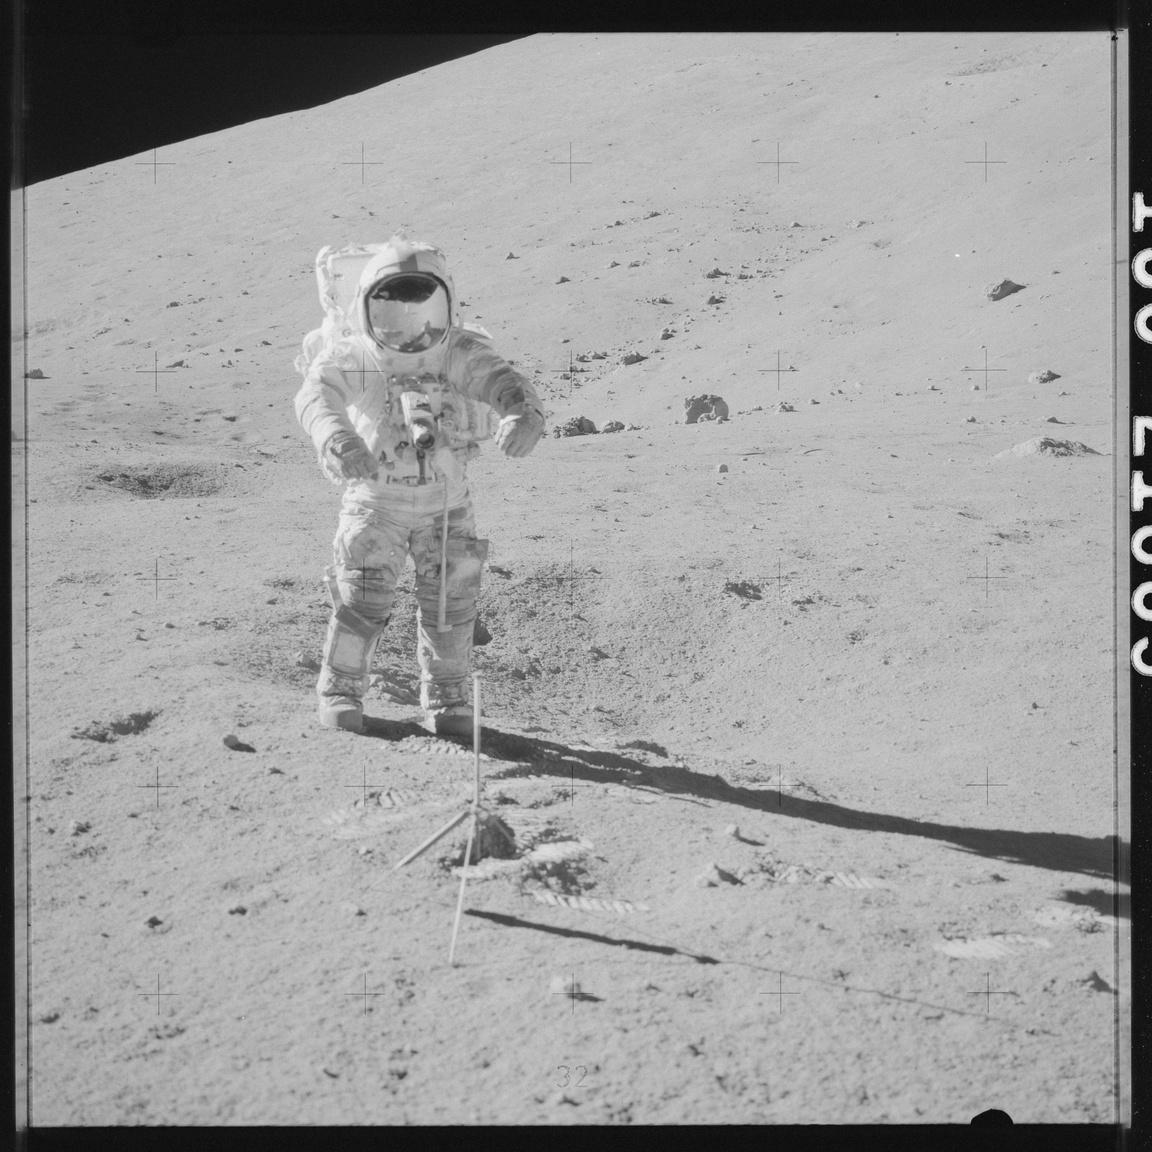 Cernan műszereket helyez el a Hold felszínén.